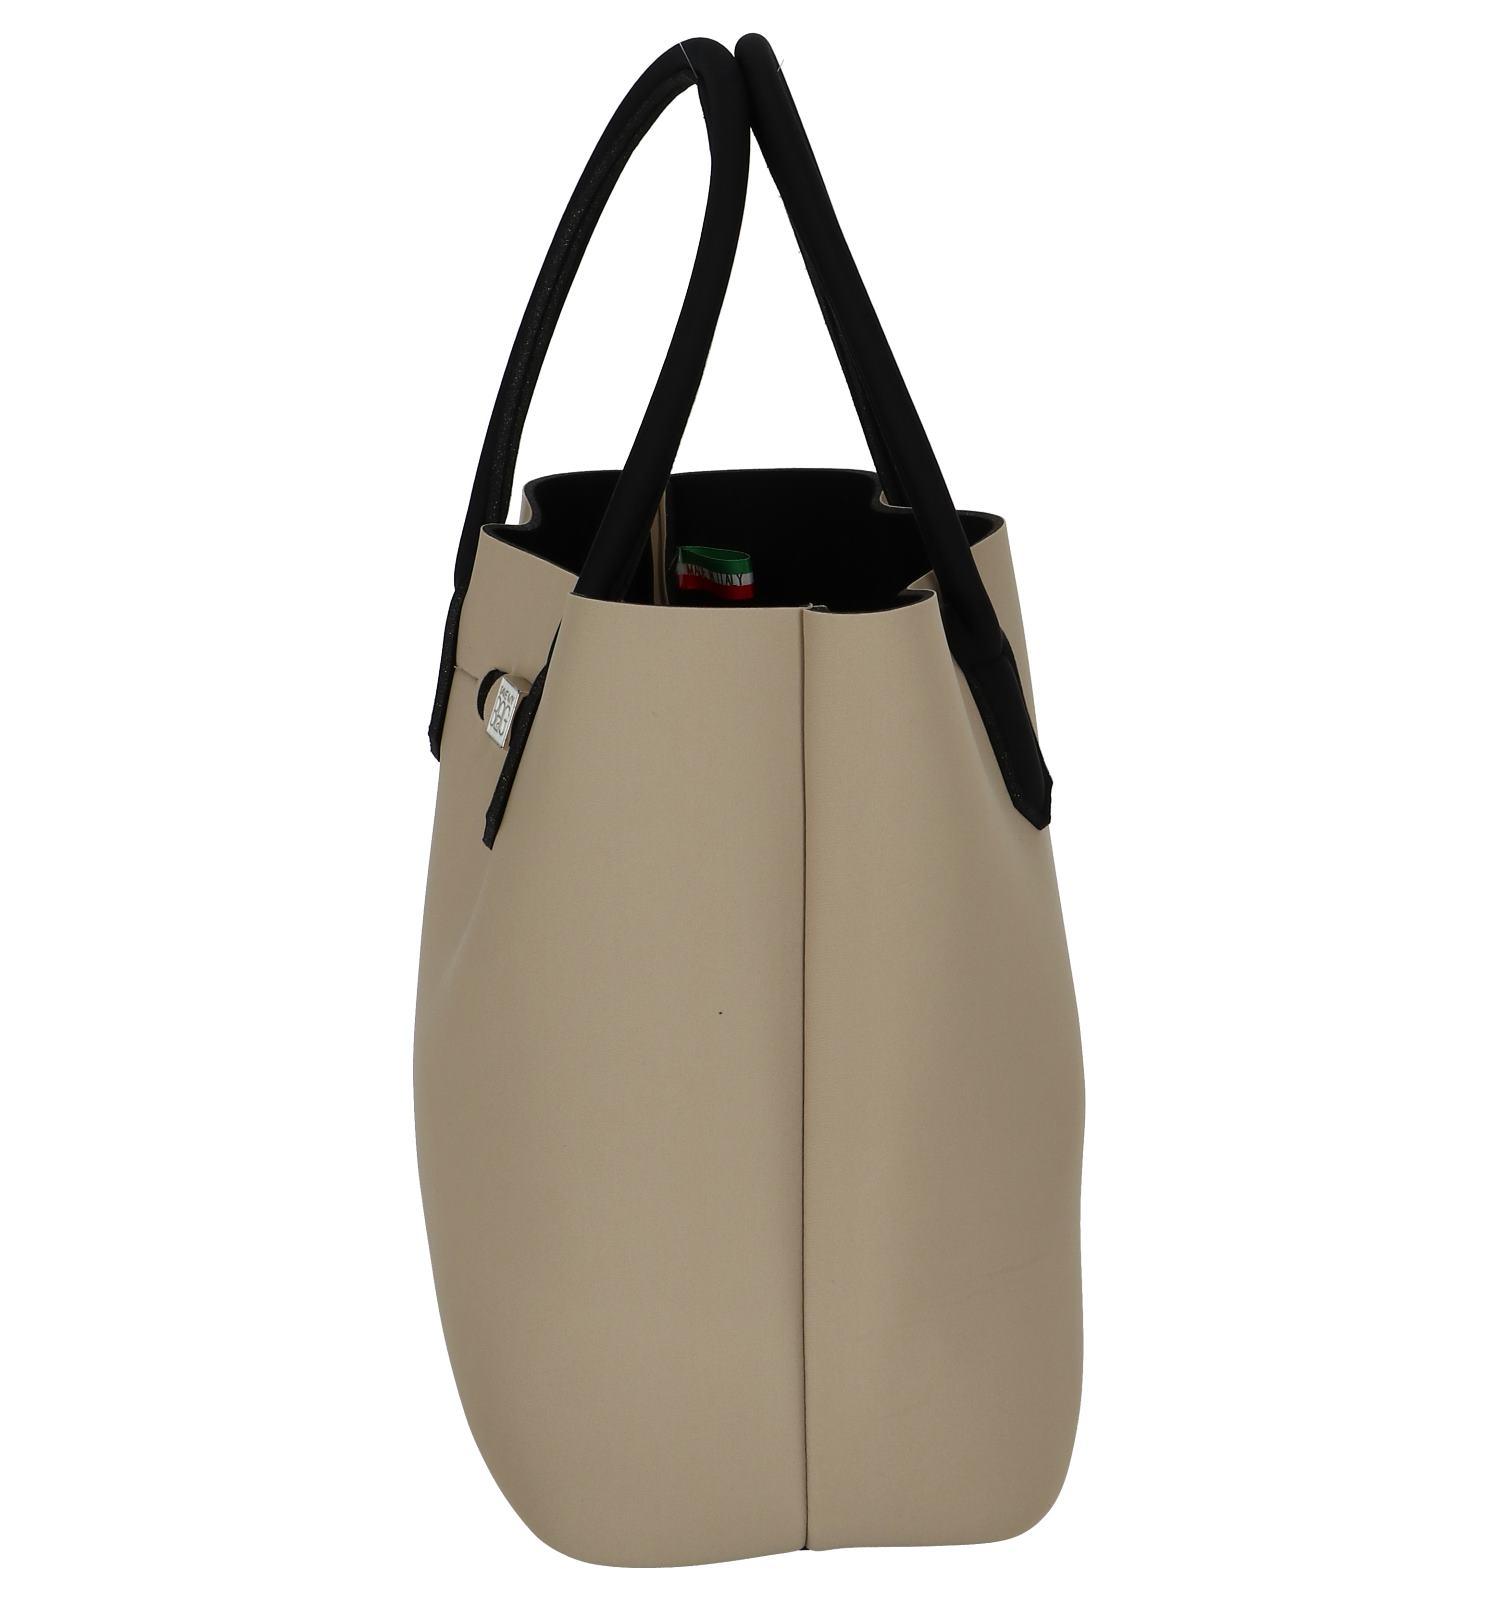 Popstar Save Beige Shopper Bag My HYW2EI9D